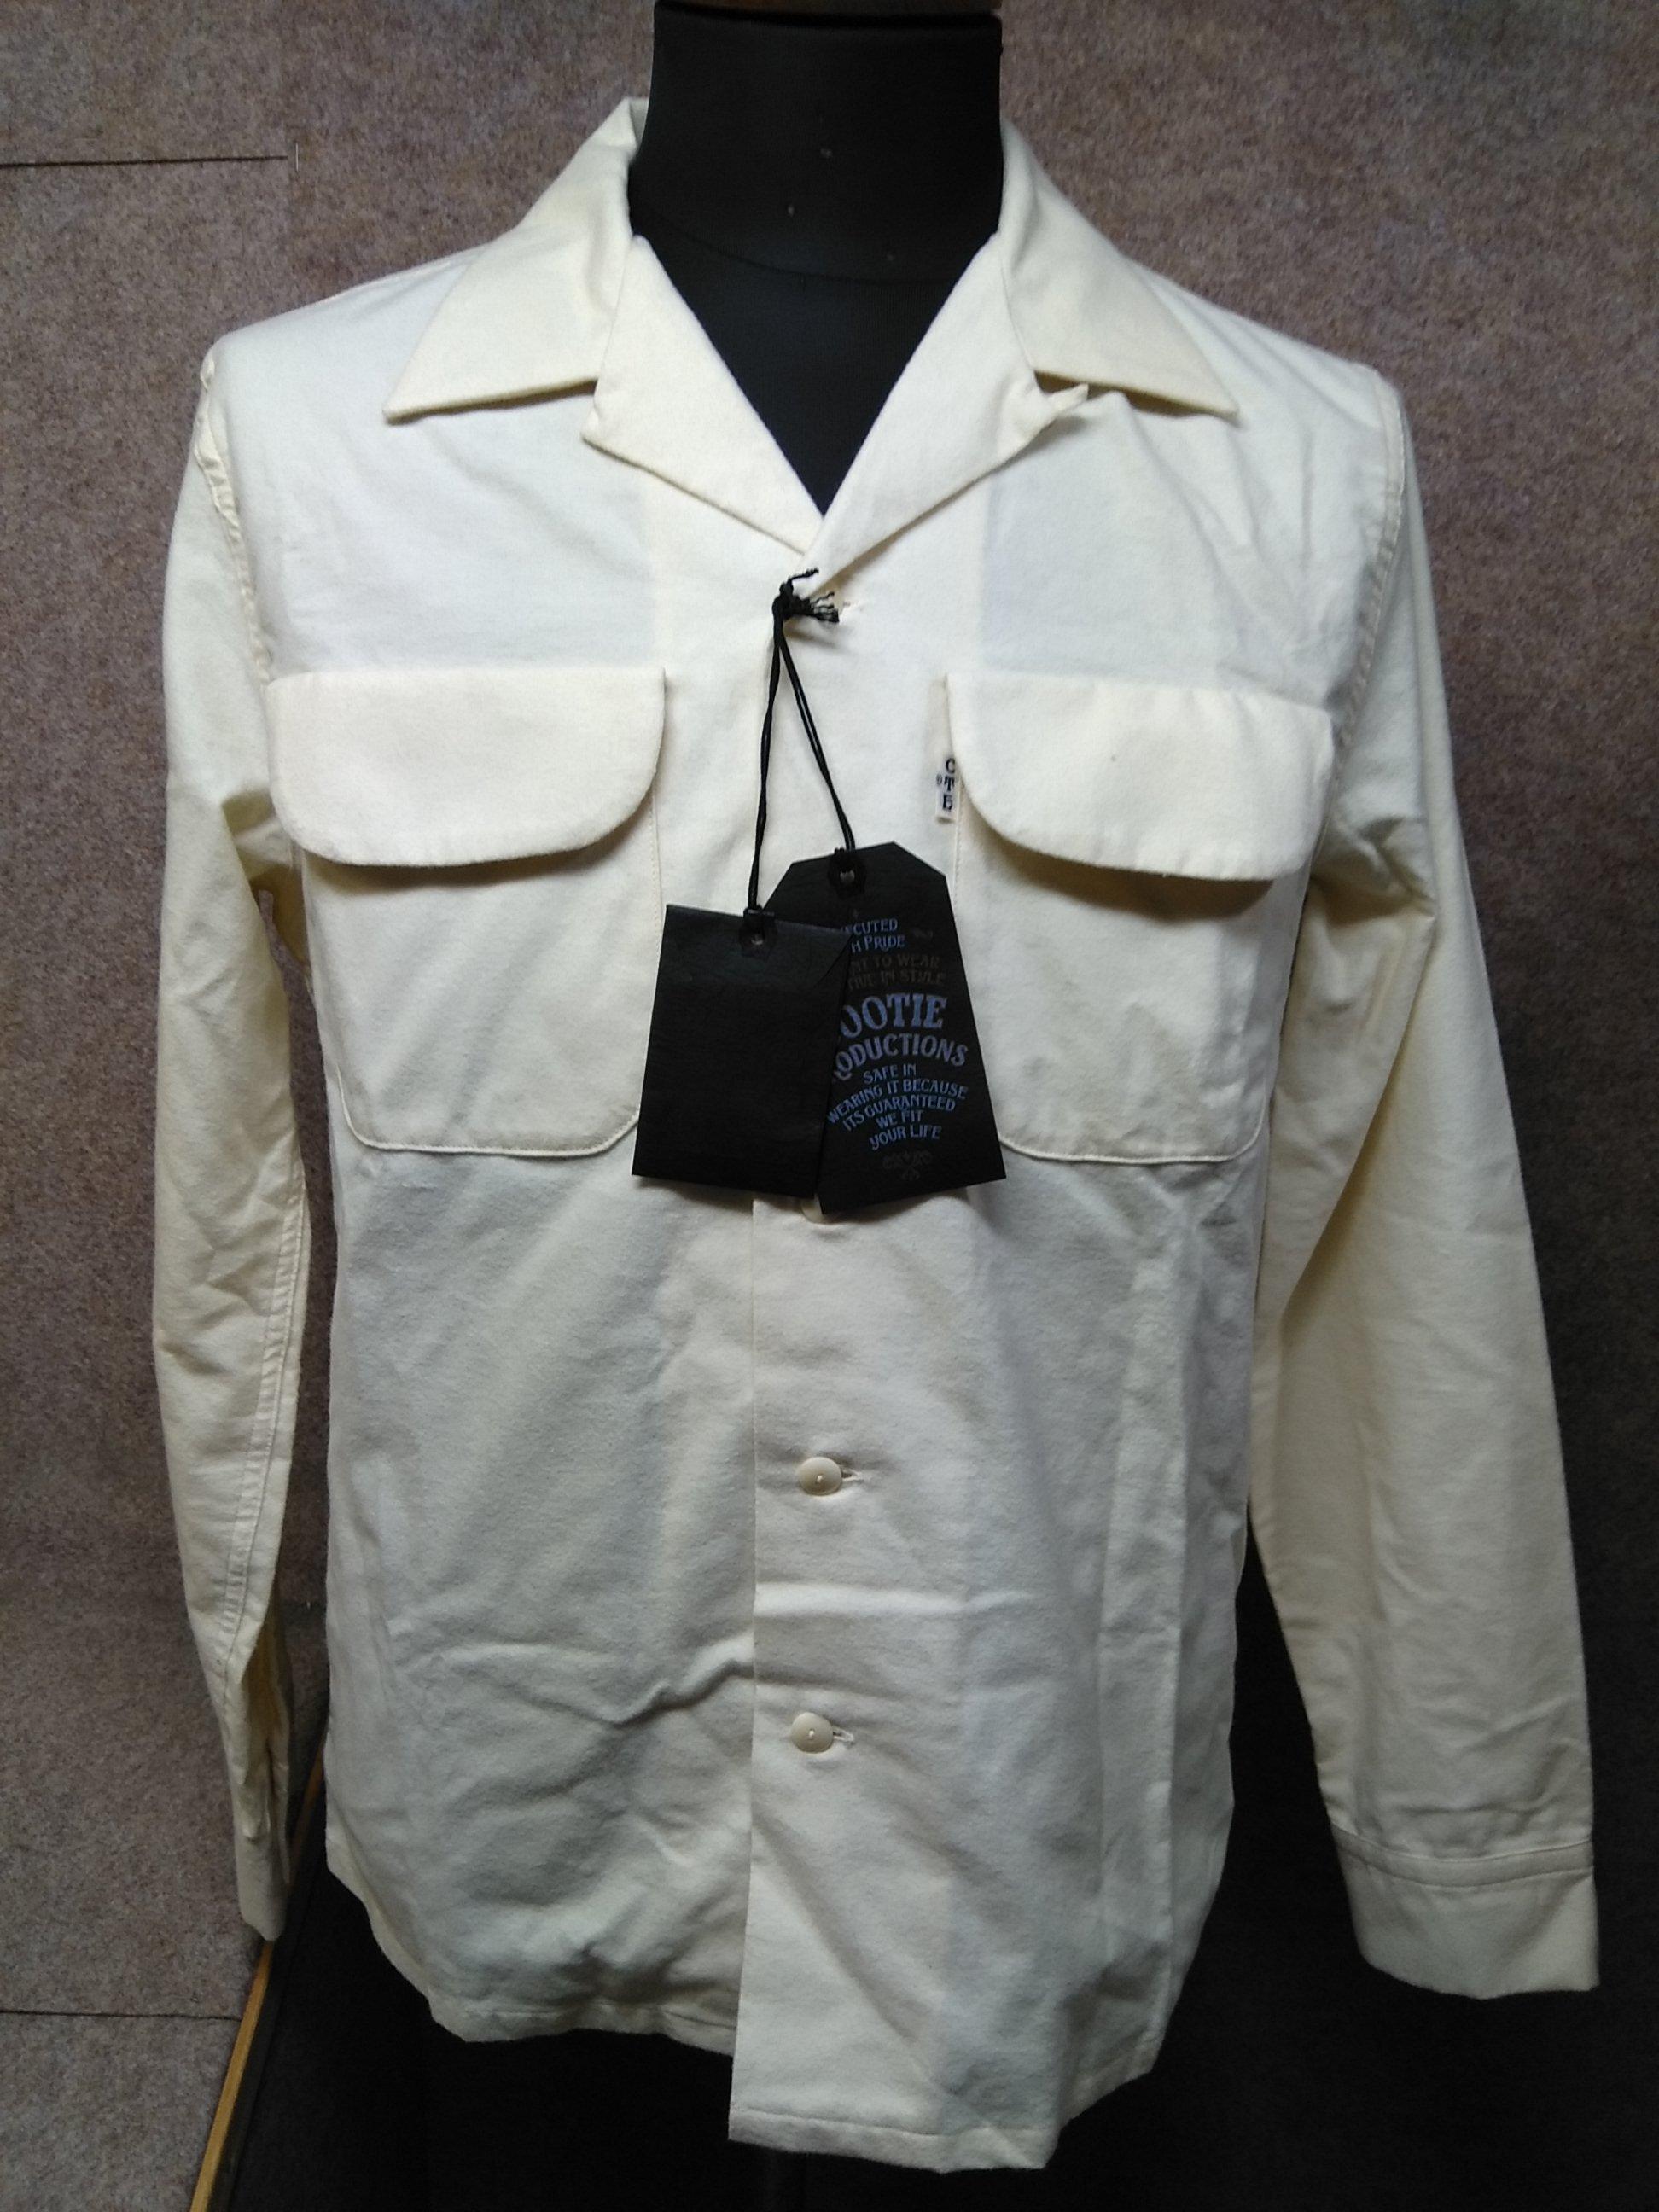 GLORY BOUND クーティ ジャケット M 白 u1271a